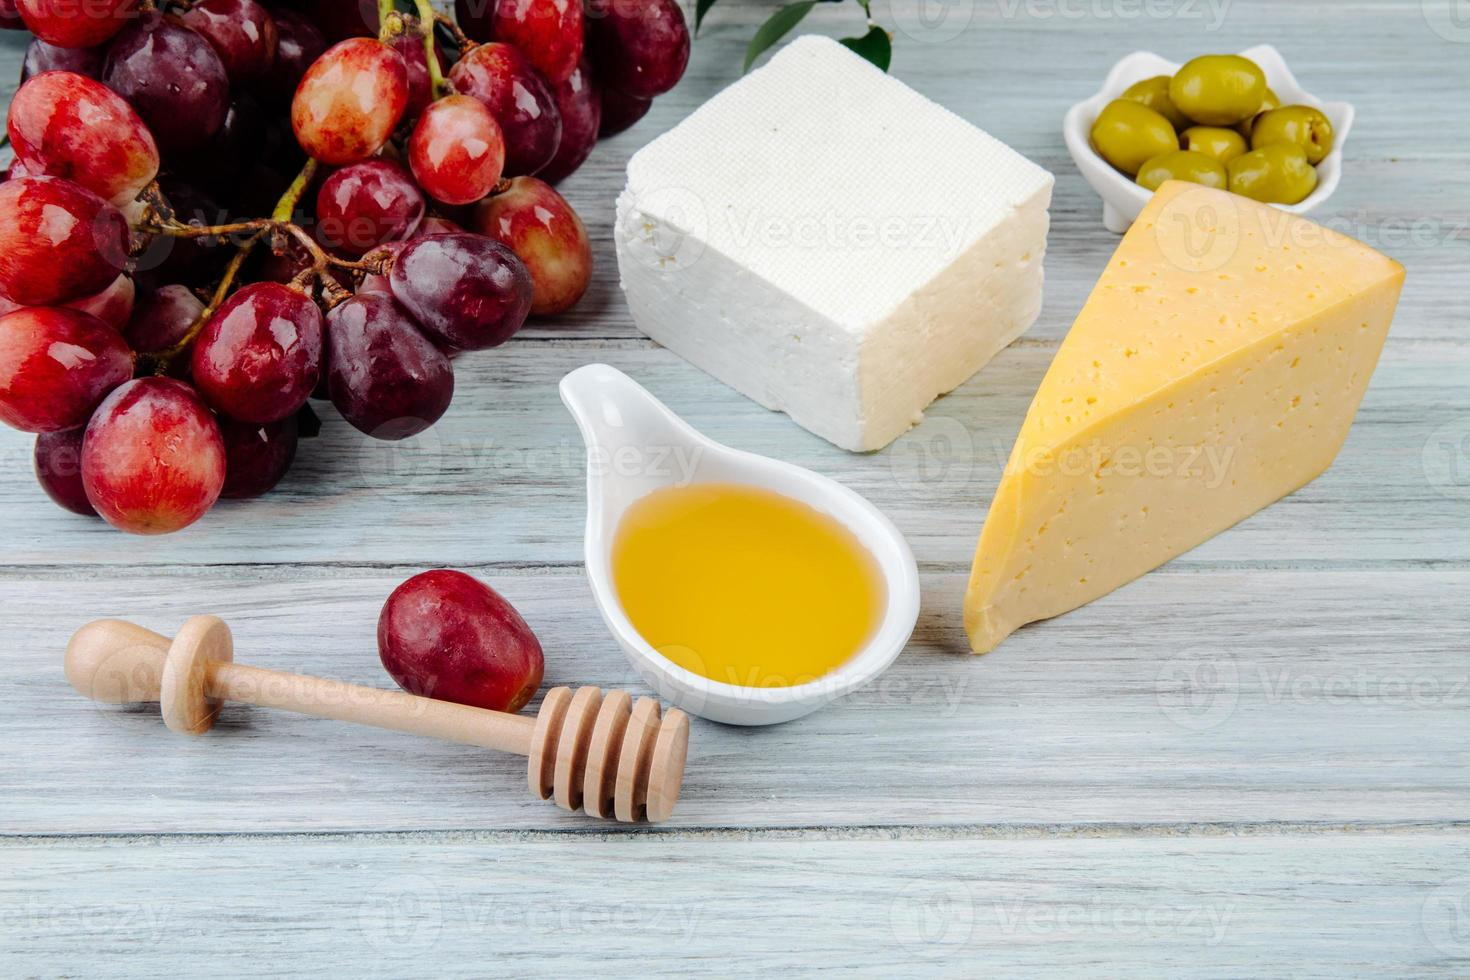 Nahaufnahme von Honig, Käse und anderen Vorspeisen foto